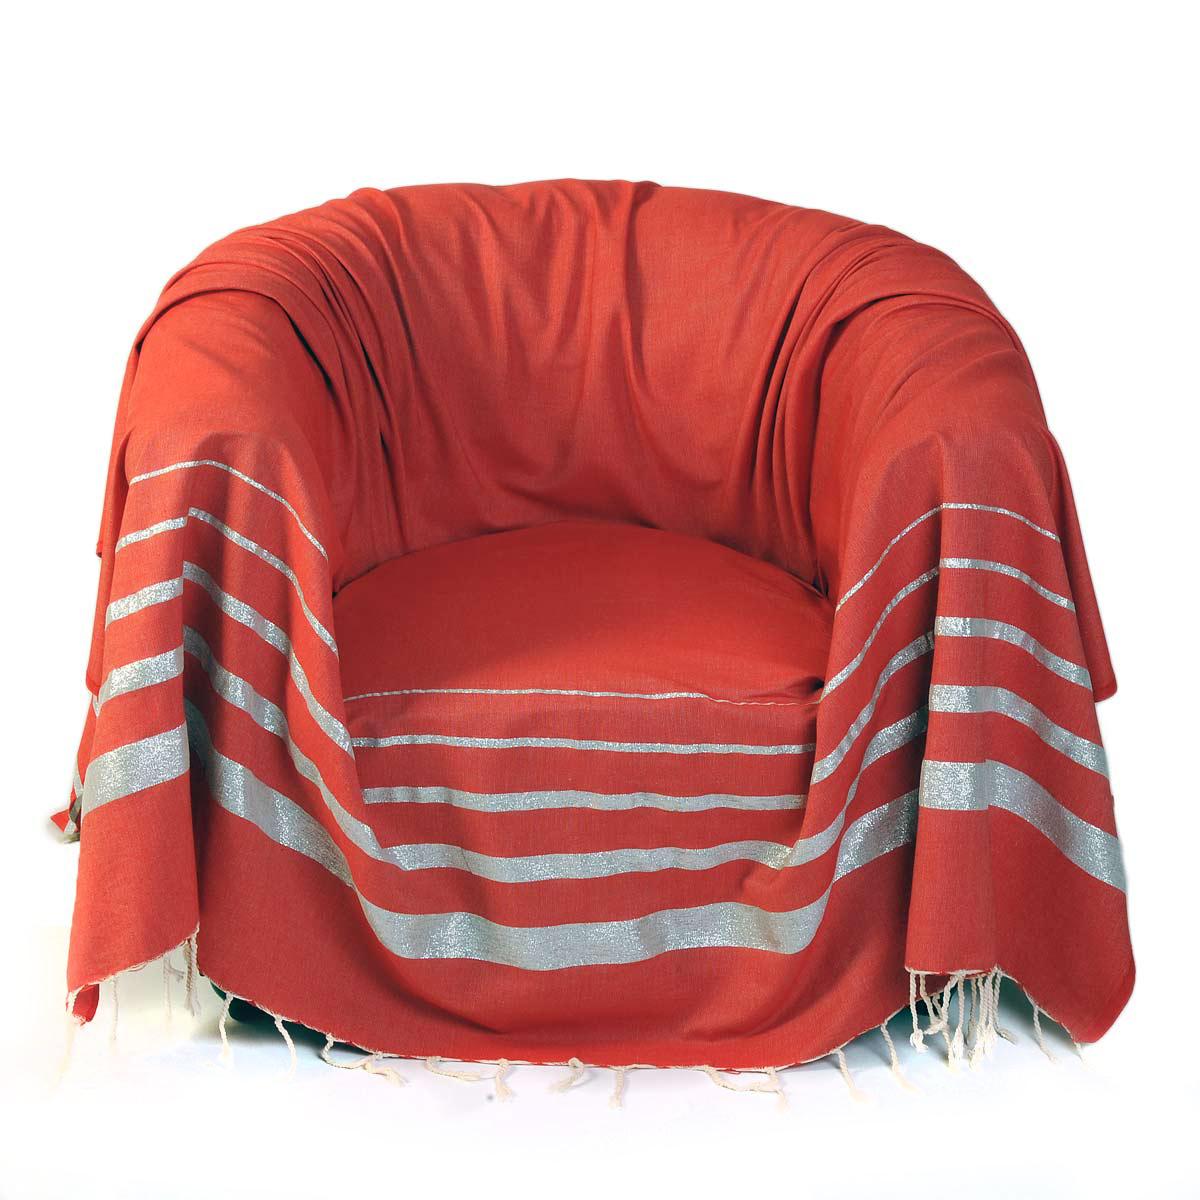 ISTANBUL - Jeté de fauteuil coton rouge lurex rayures argent 200 x 200